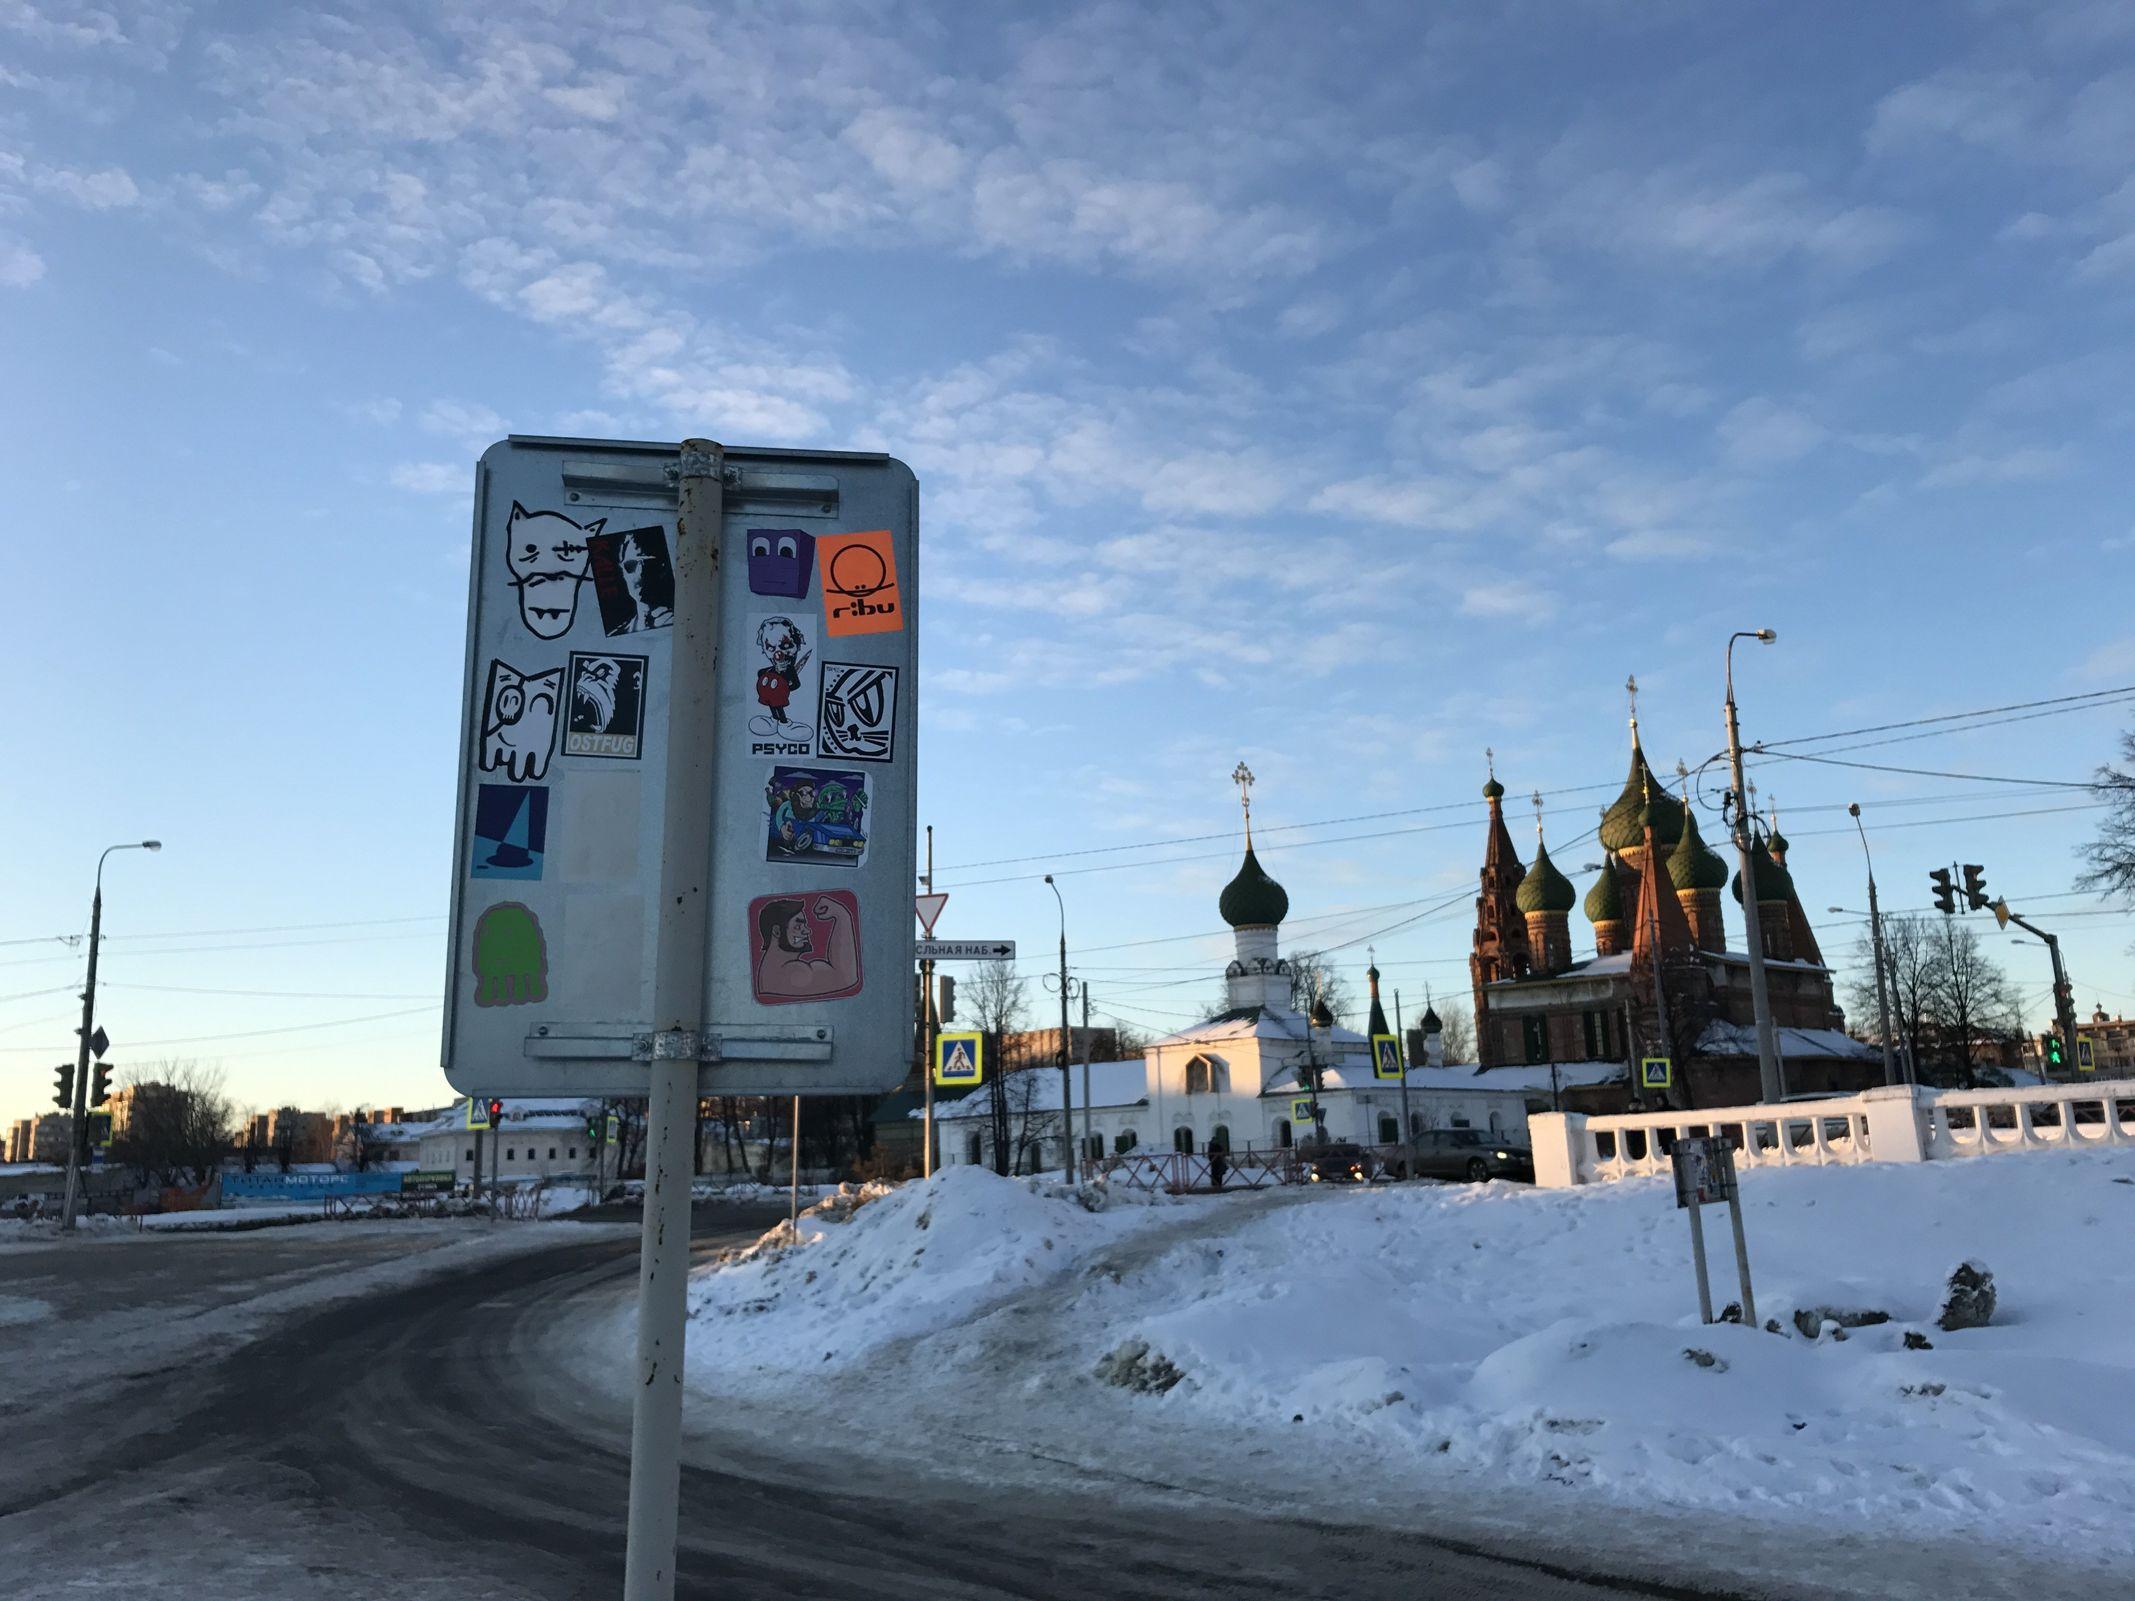 В Ярославле резко изменится погода: что говорят синоптики